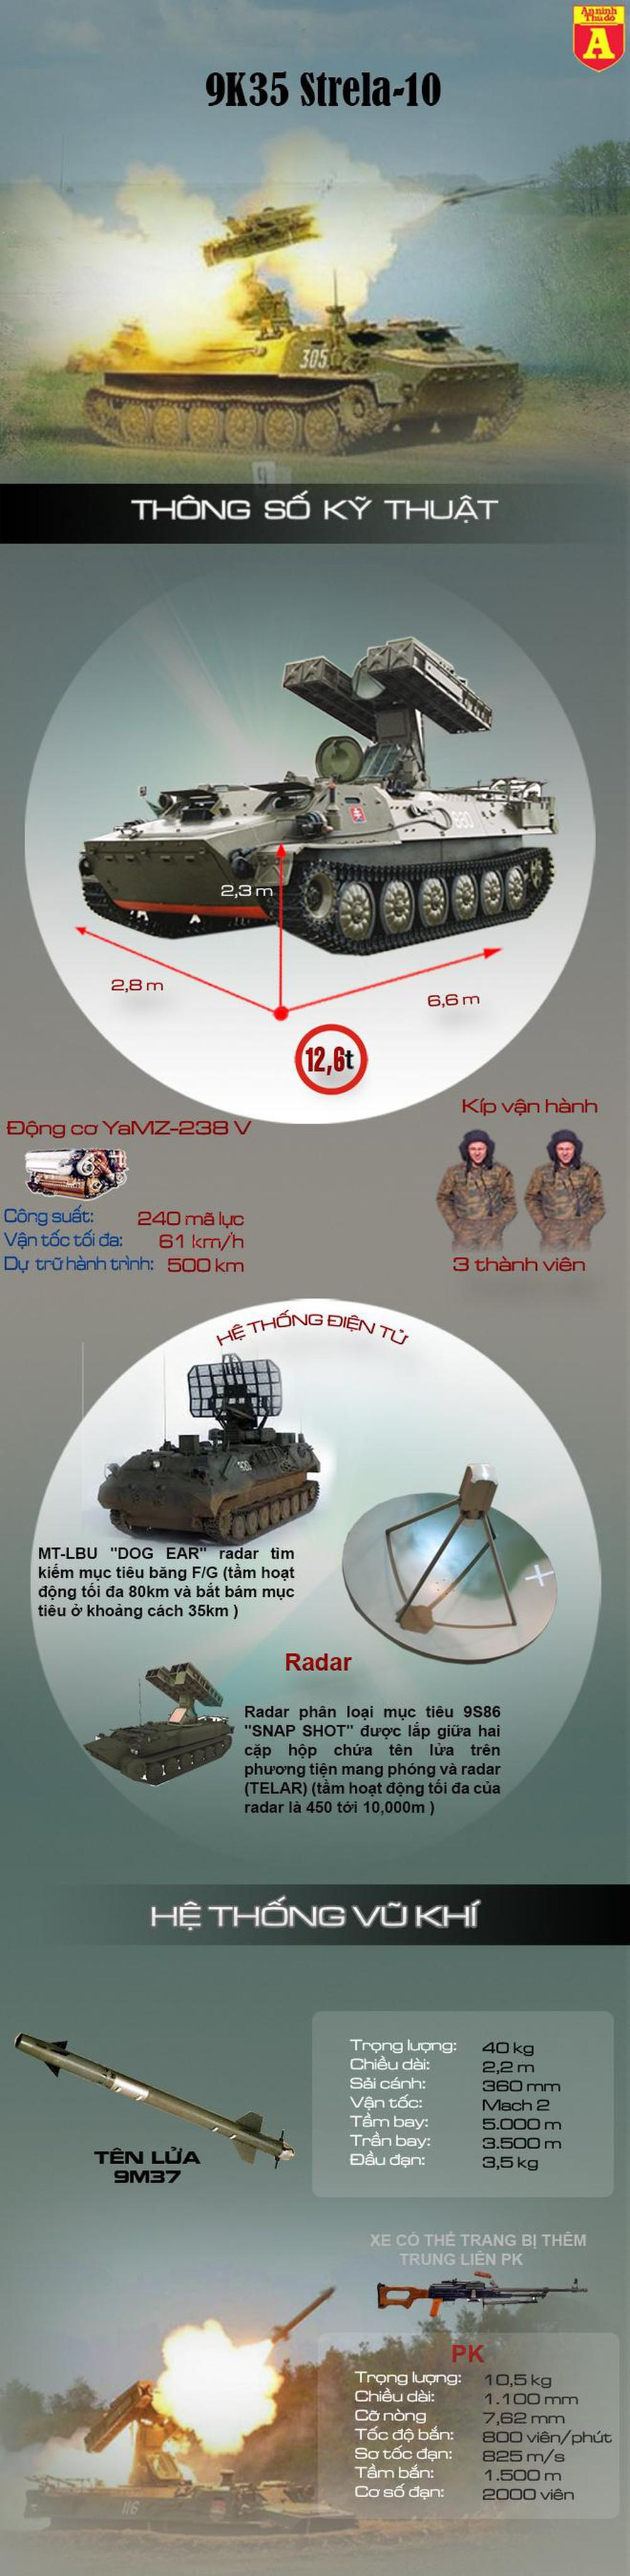 Trong tay dân quân miền Đông Ukraine có tên lửa phòng không cực nguy hiểm Ảnh 2